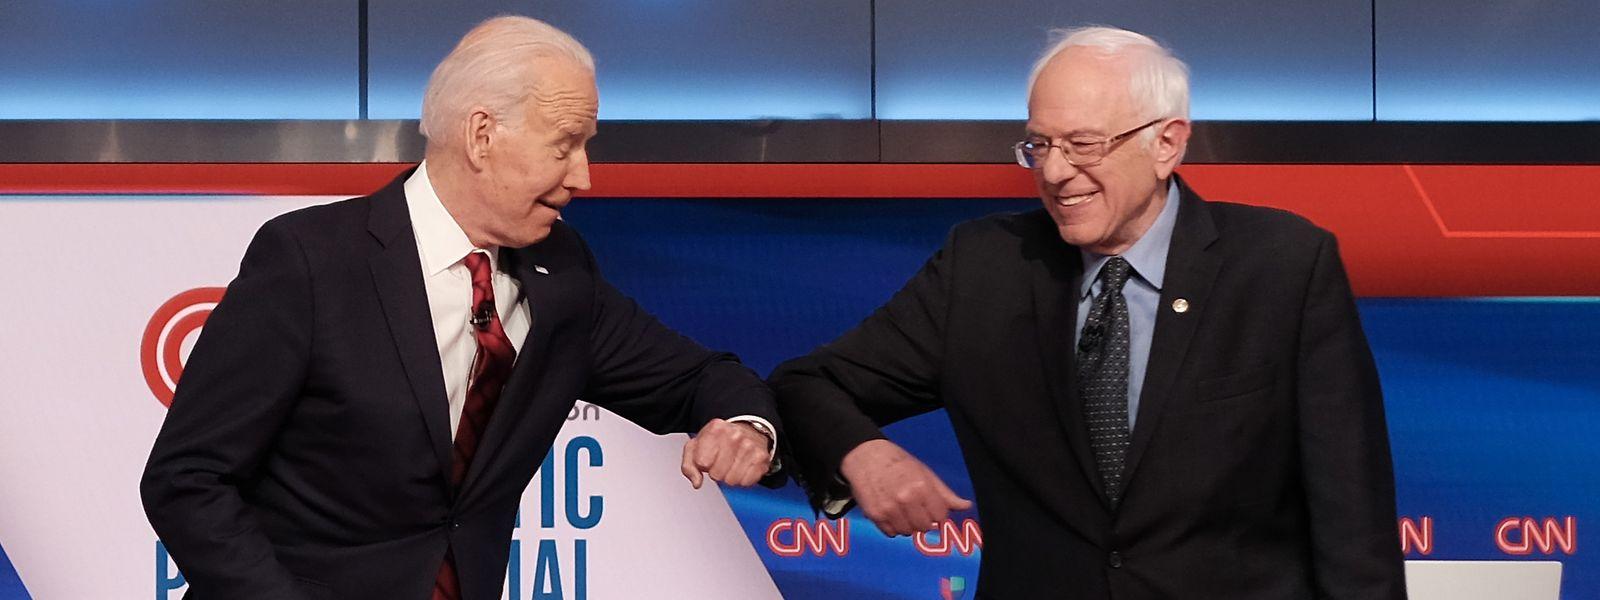 Der demokratische Kandidat für die Bewerbung um die US-Präsidentschaft, Senator Bernie Sanders (r.), und sein Kontrahent, der ehemalige Vizepräsident Joe Biden, begrüßen sich vor einer Debatte am 15. März im Fernsehen mit einem Ellbogenstoß statt mit Handschlag. Sanders steigt aus dem Präsidentschaftsrennen der US-Demokraten aus und macht damit den Weg frei für eine Kandidatur des Ex-US-Vizepräsidenten Biden.